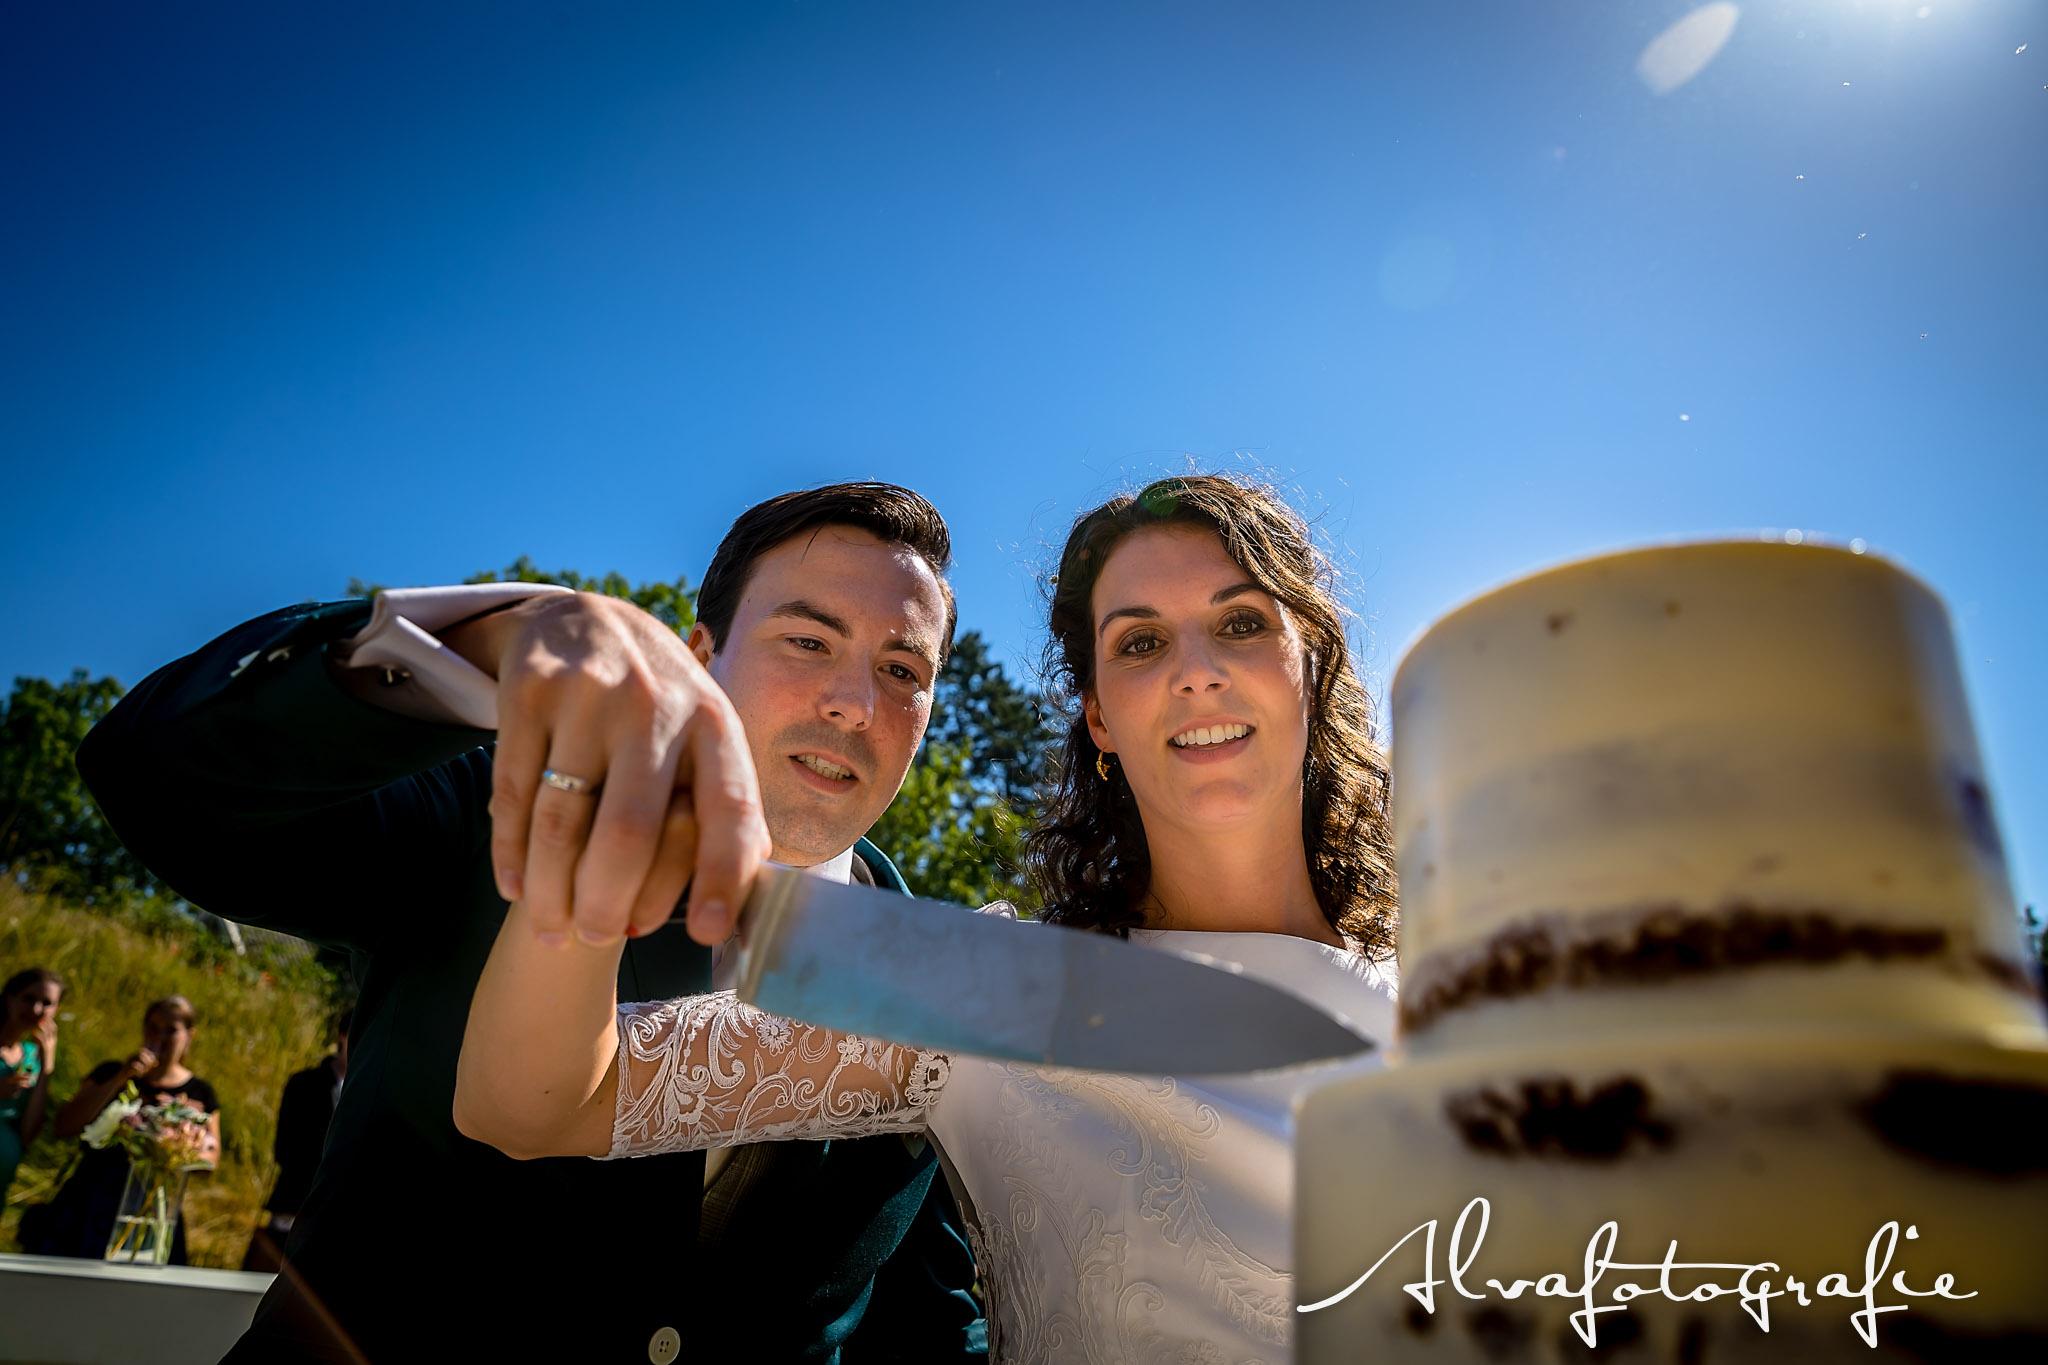 Bruiloft Maren en Tim Alvafotografie bruidspaar snijdt taart aan